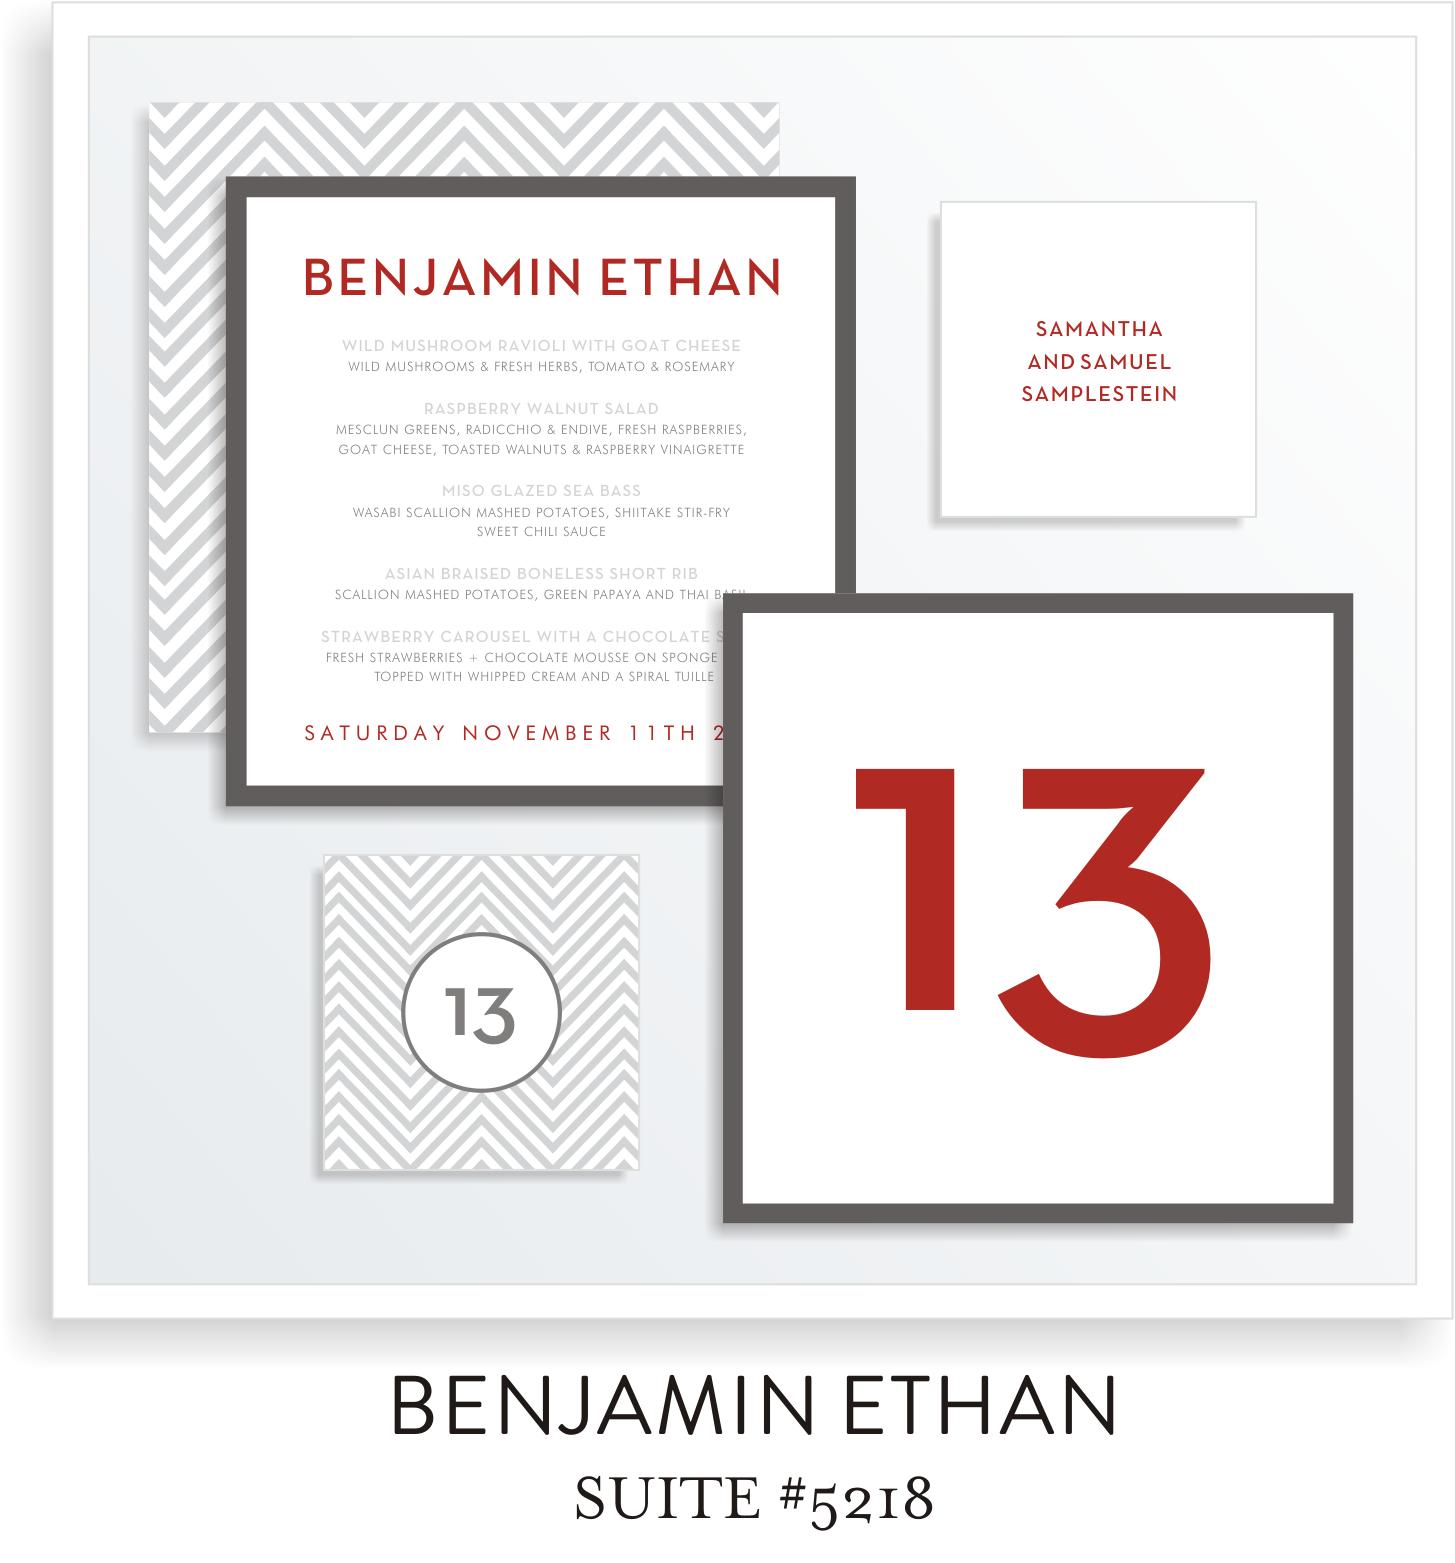 Table Top Decor Bar Mitzvah Suite 5218 - Benjamin Ethan